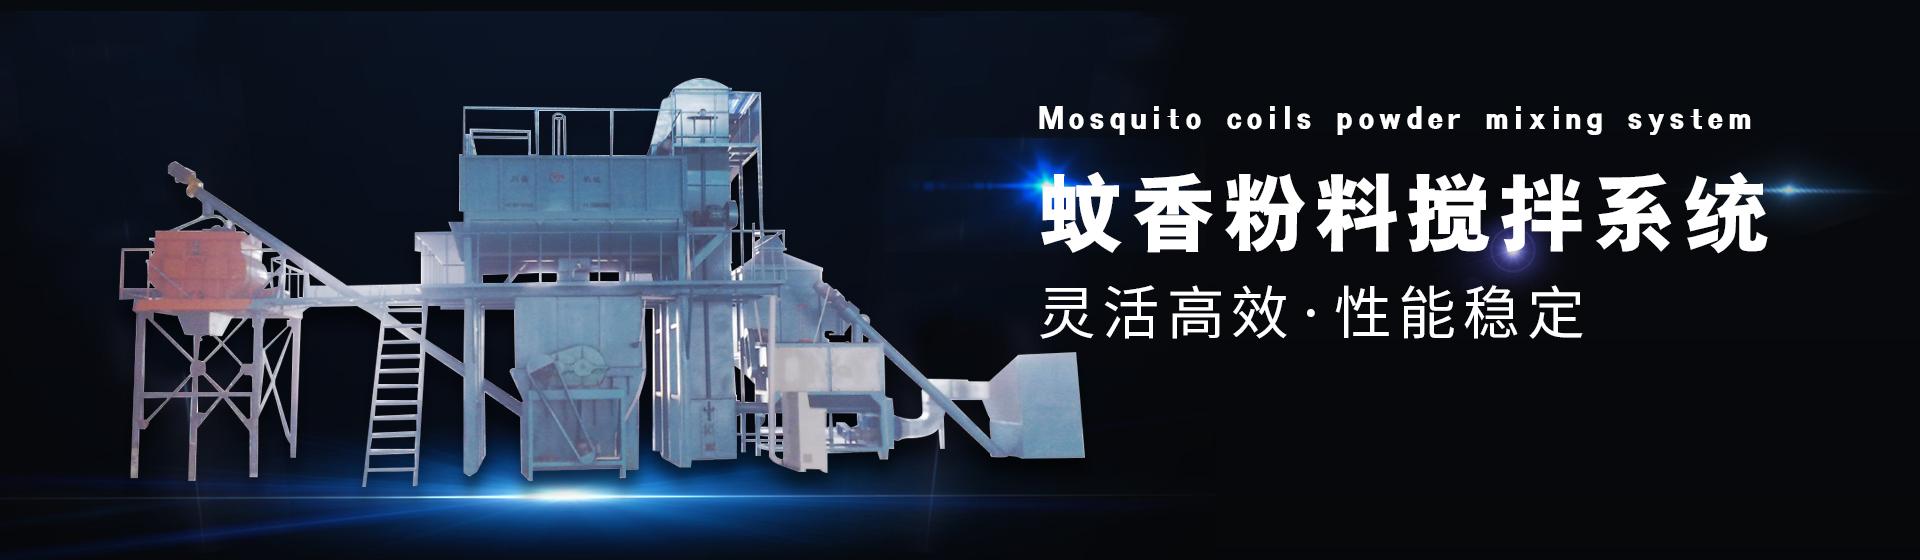 福建省泉州市川盛机械有限公司